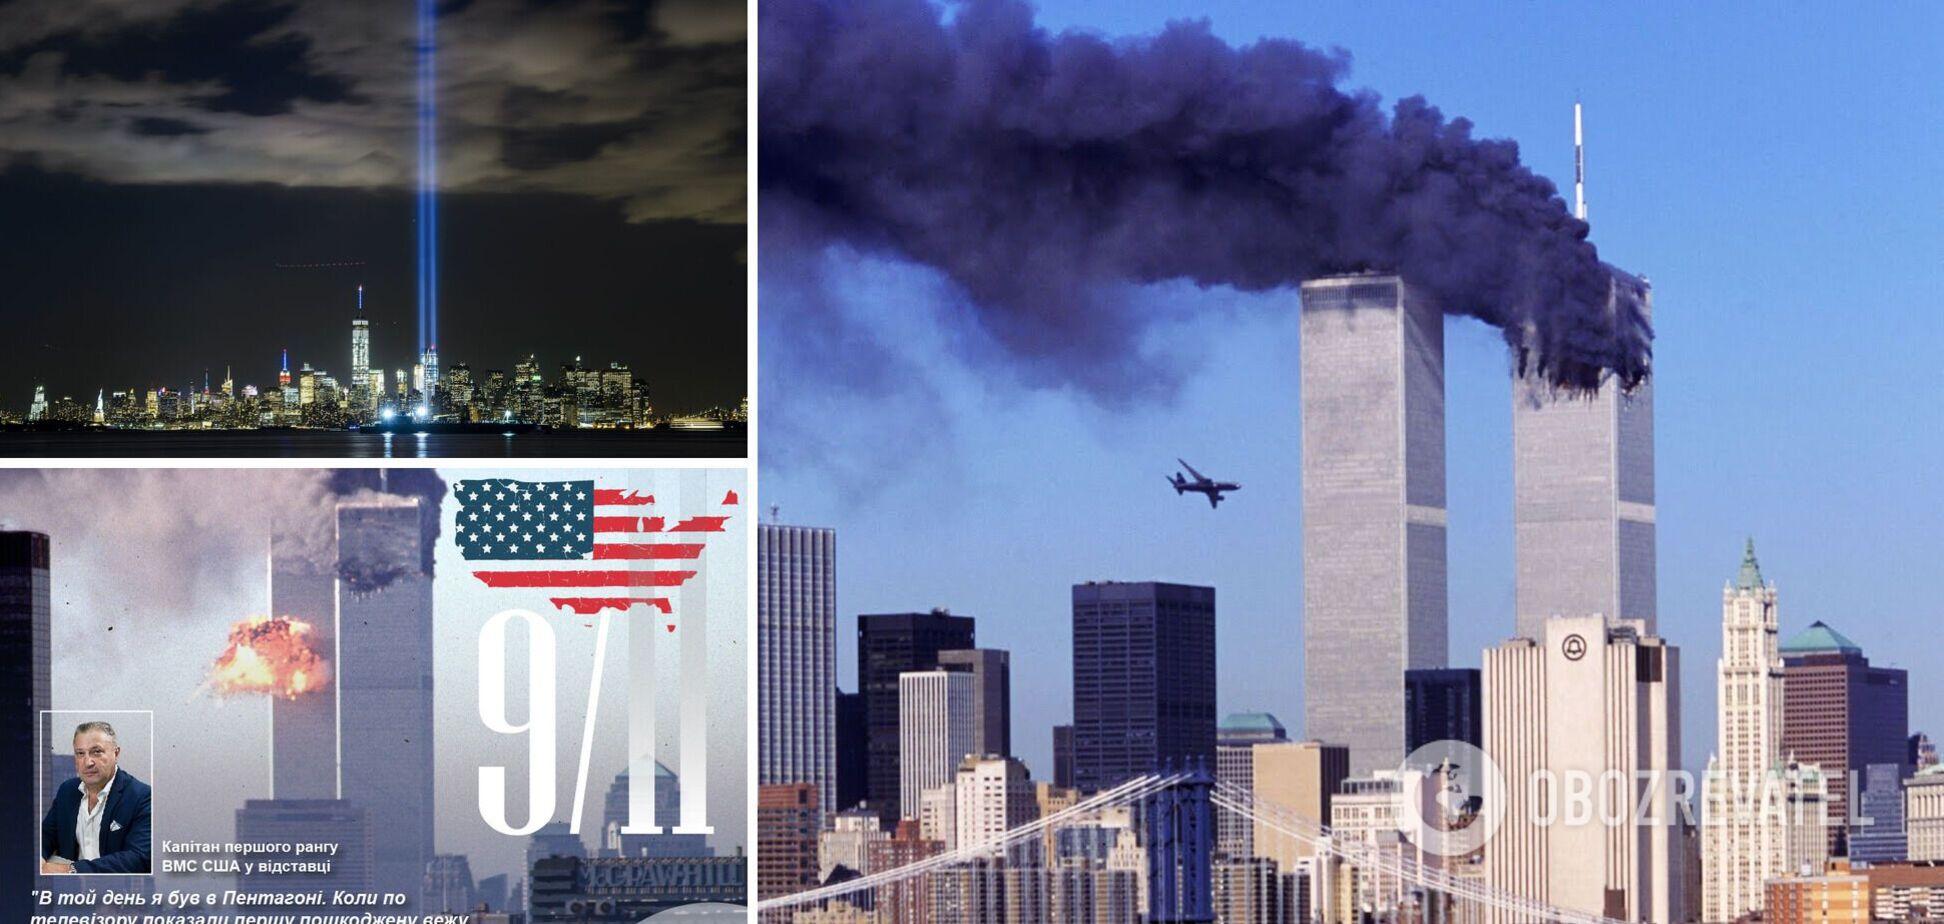 Відомі українці та очевидець про теракт 9/11: здавалося, що світ падає і буде третя світова війна. Ексклюзив